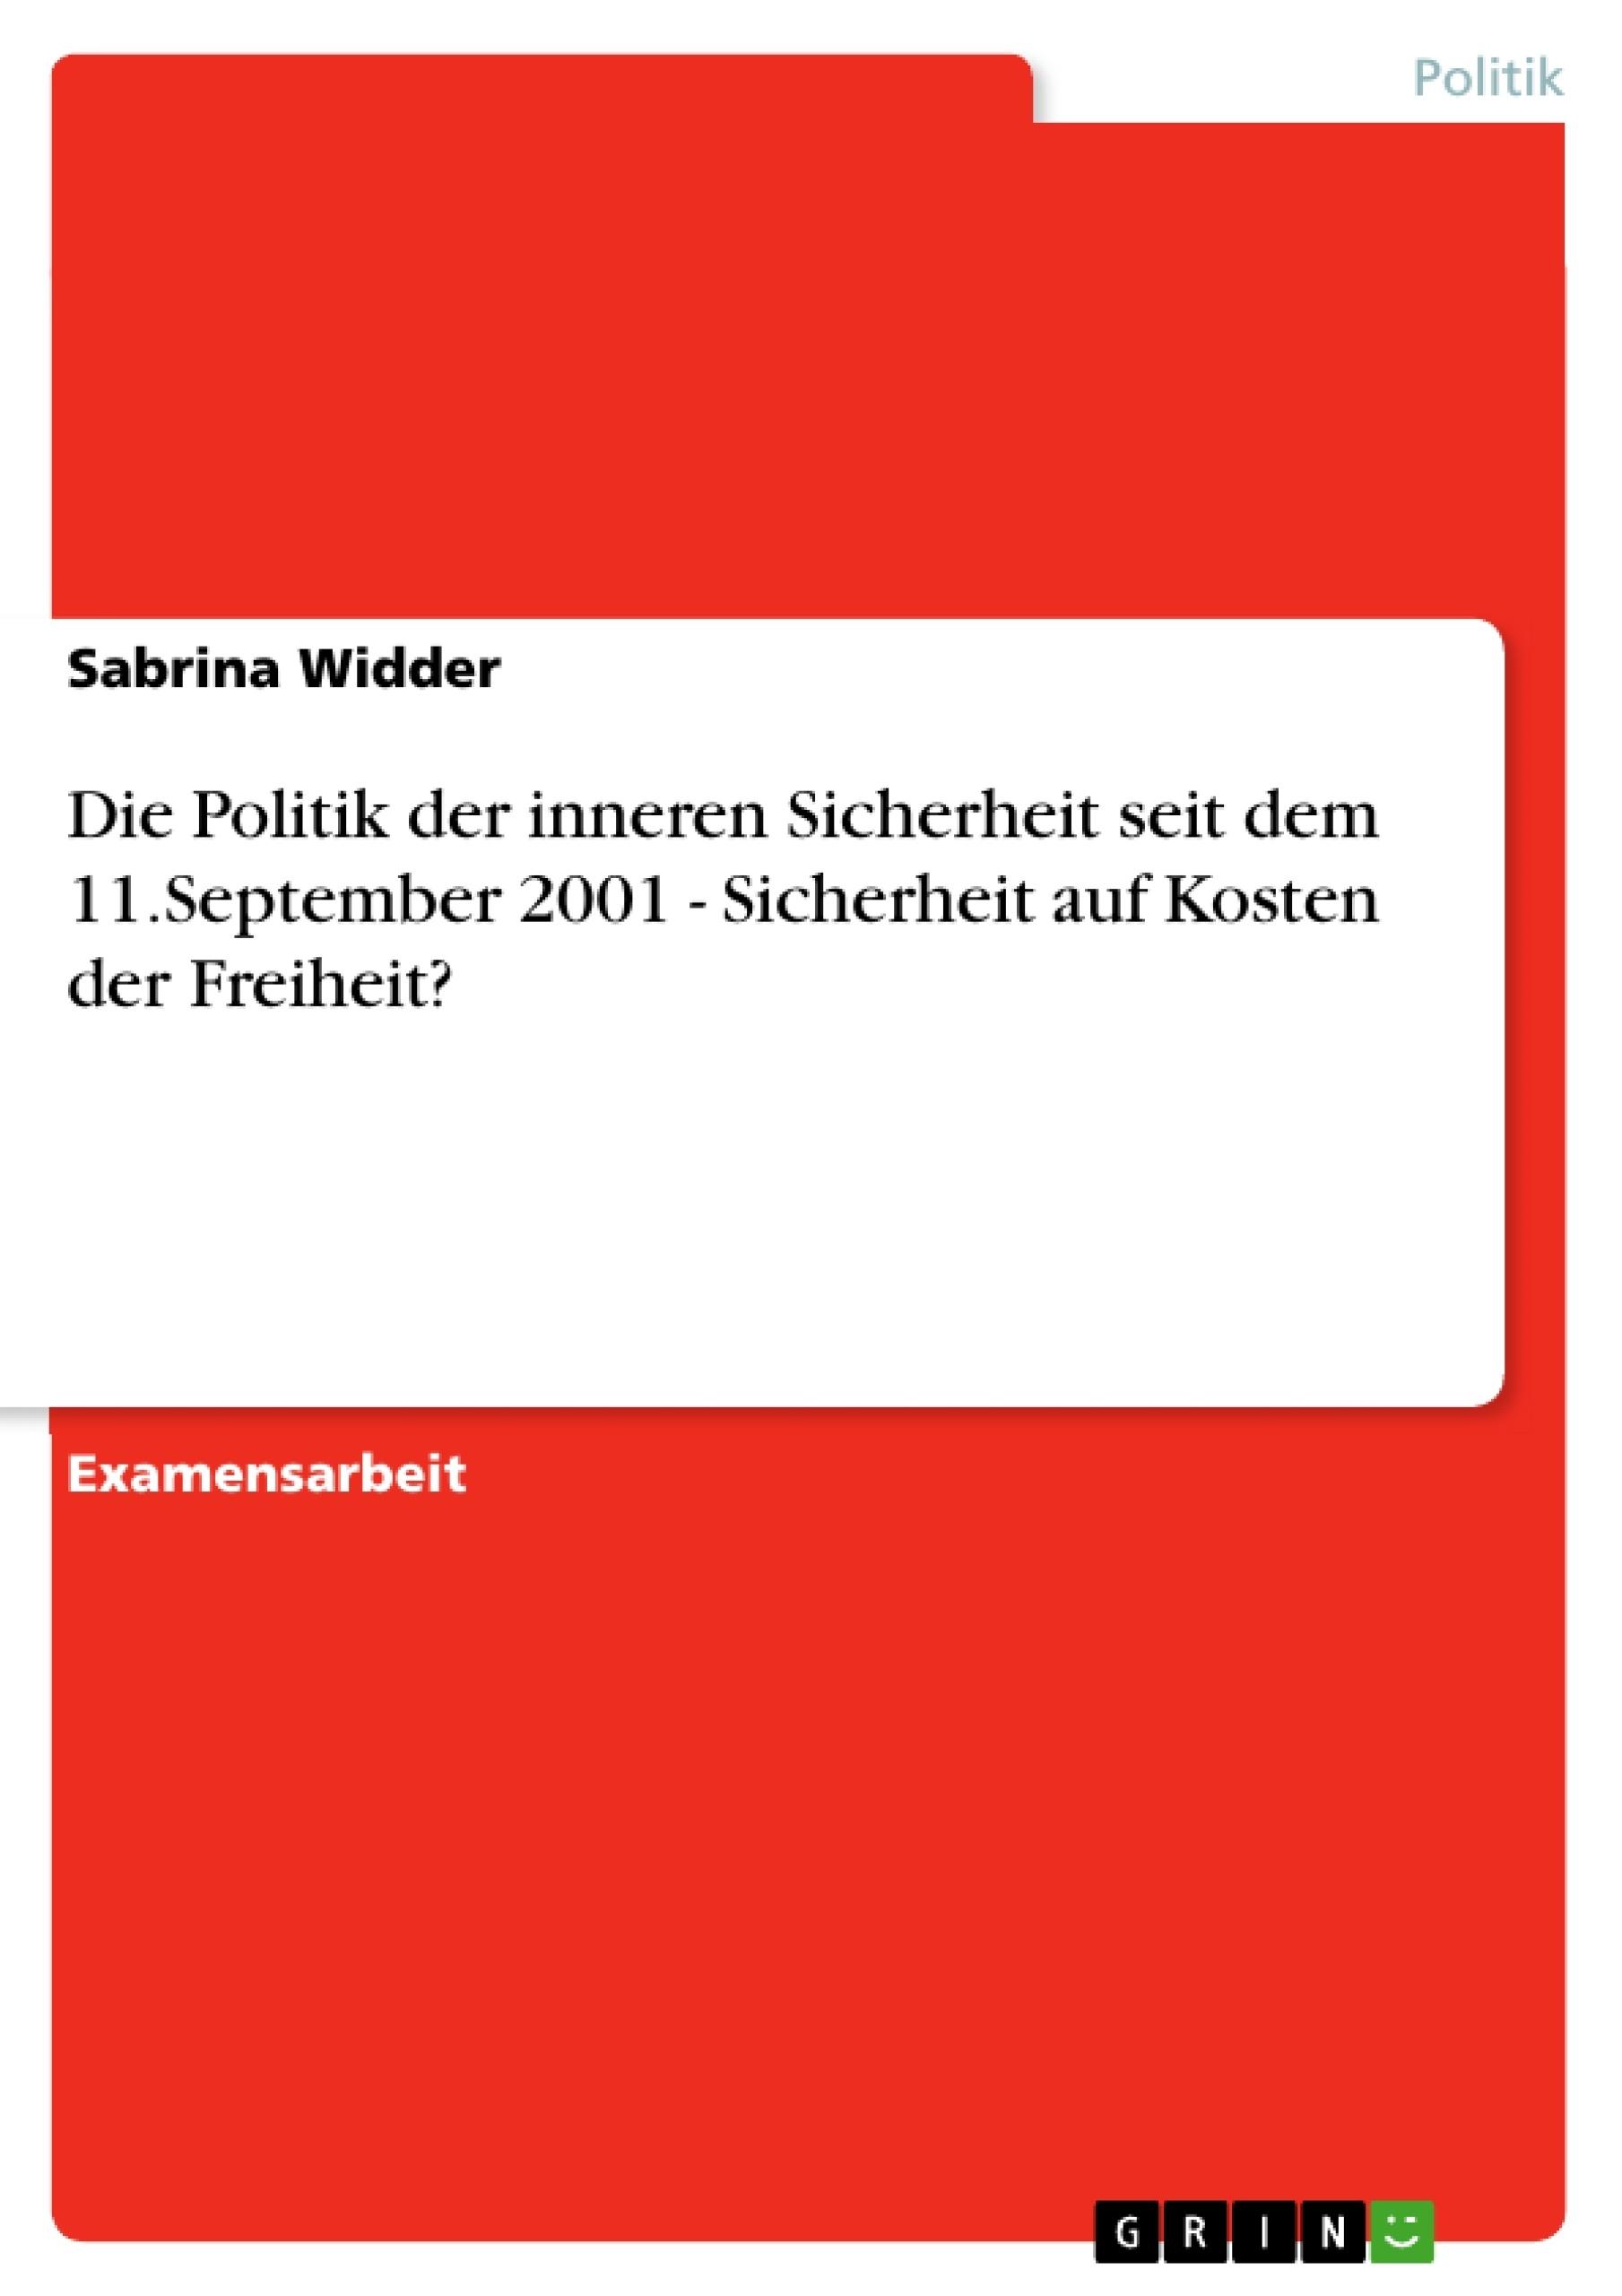 Titel: Die Politik der inneren Sicherheit seit dem 11.September 2001 - Sicherheit auf Kosten der Freiheit?